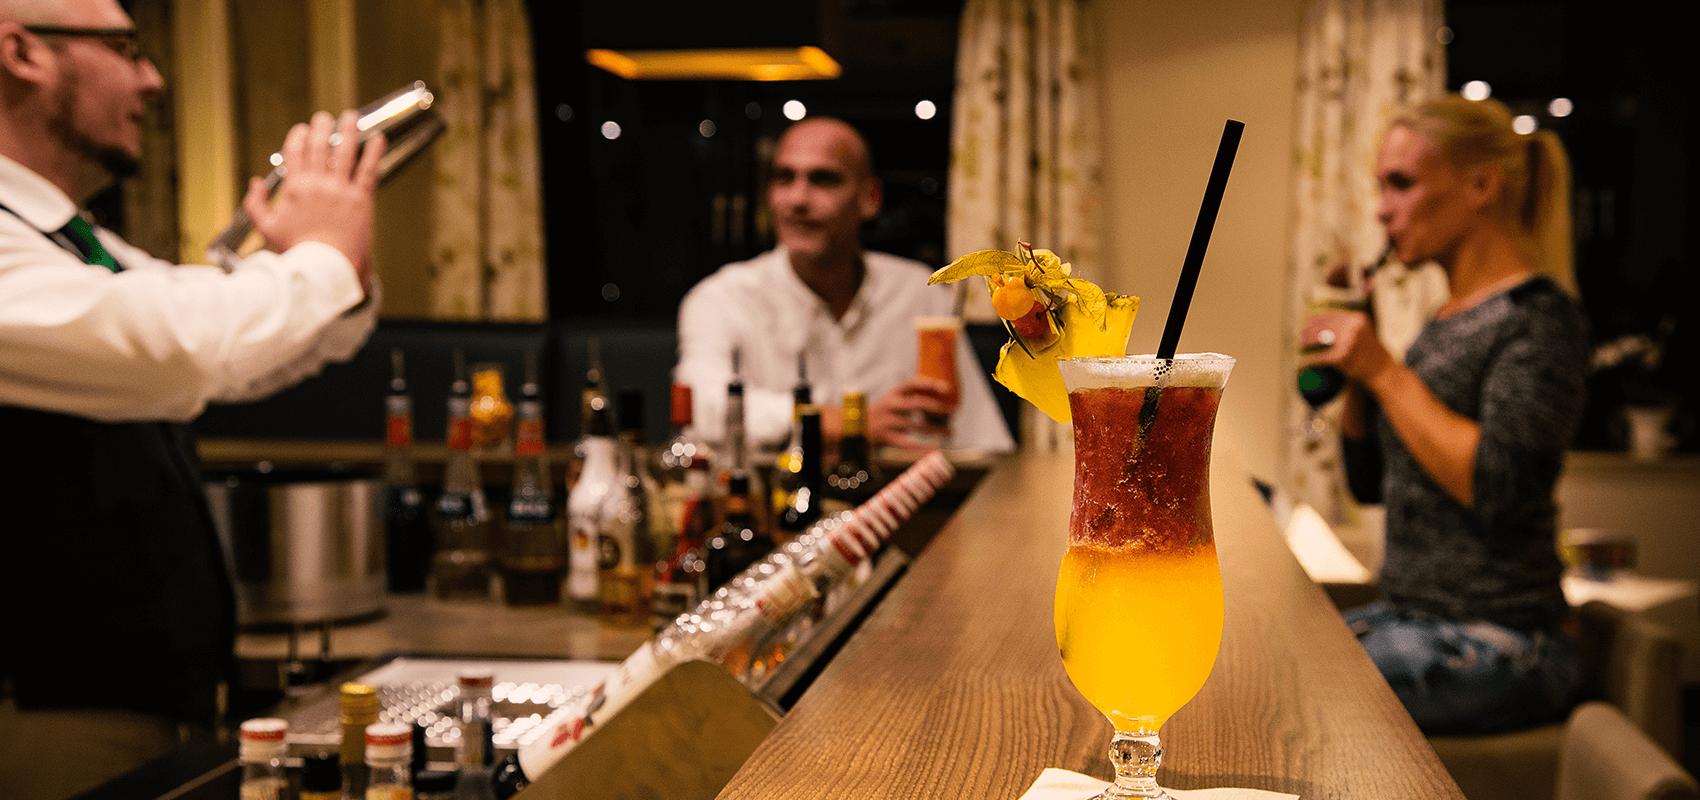 Barkeeper beim Cocktail mixen, Hotelgäste genießen an der Bar ihre Cocktails und auf der Theke steht ein köstlich aussehender Cocktail